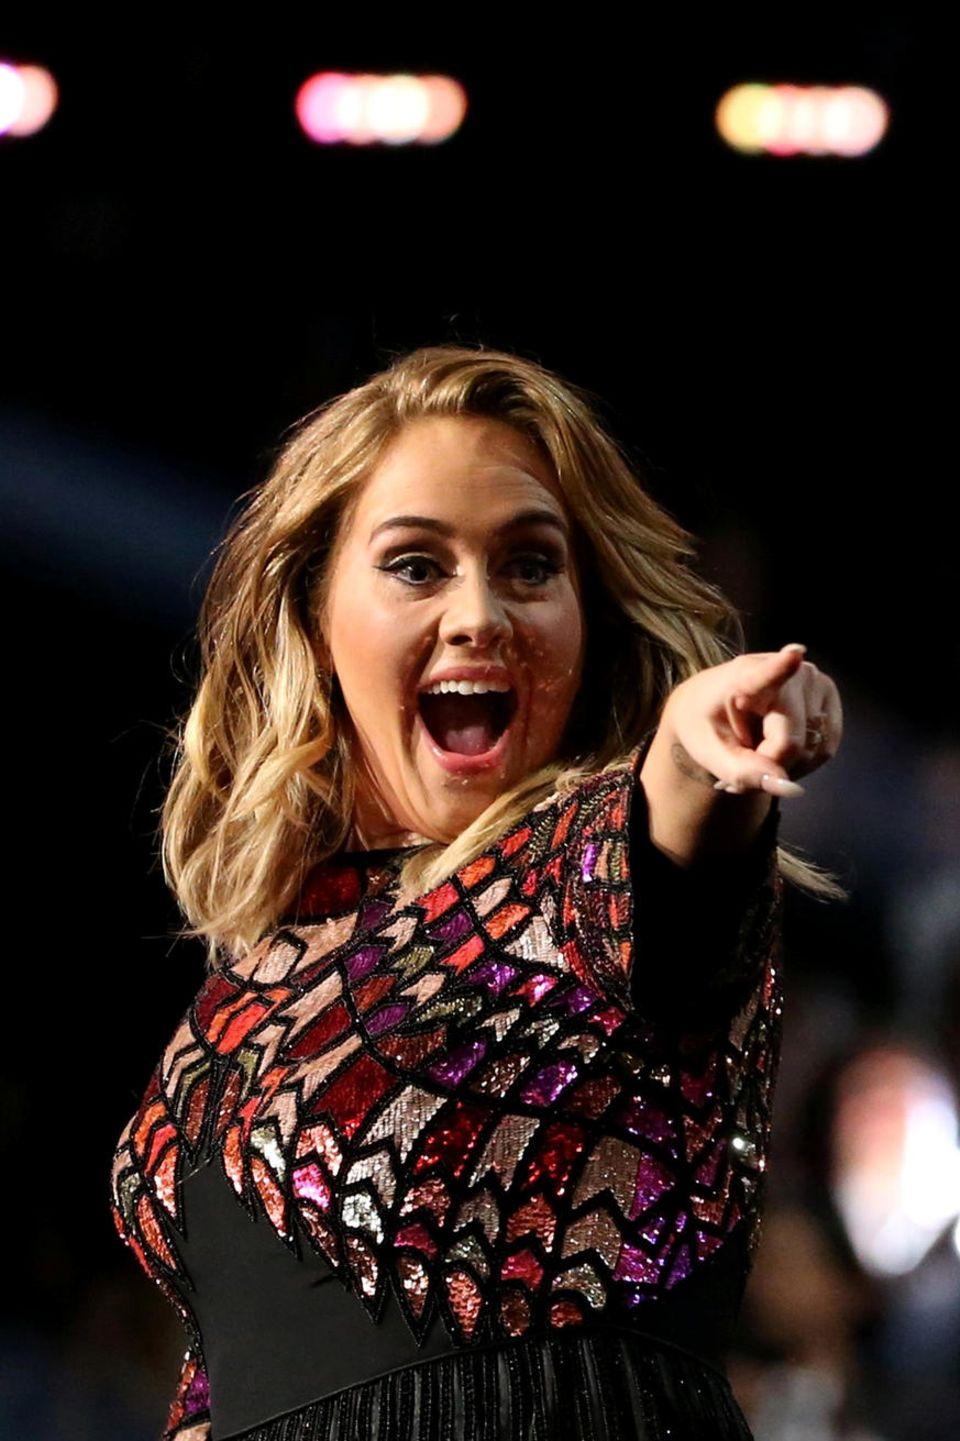 Sängerin Adele hat an diesem Abend allen Grund zur Freude.